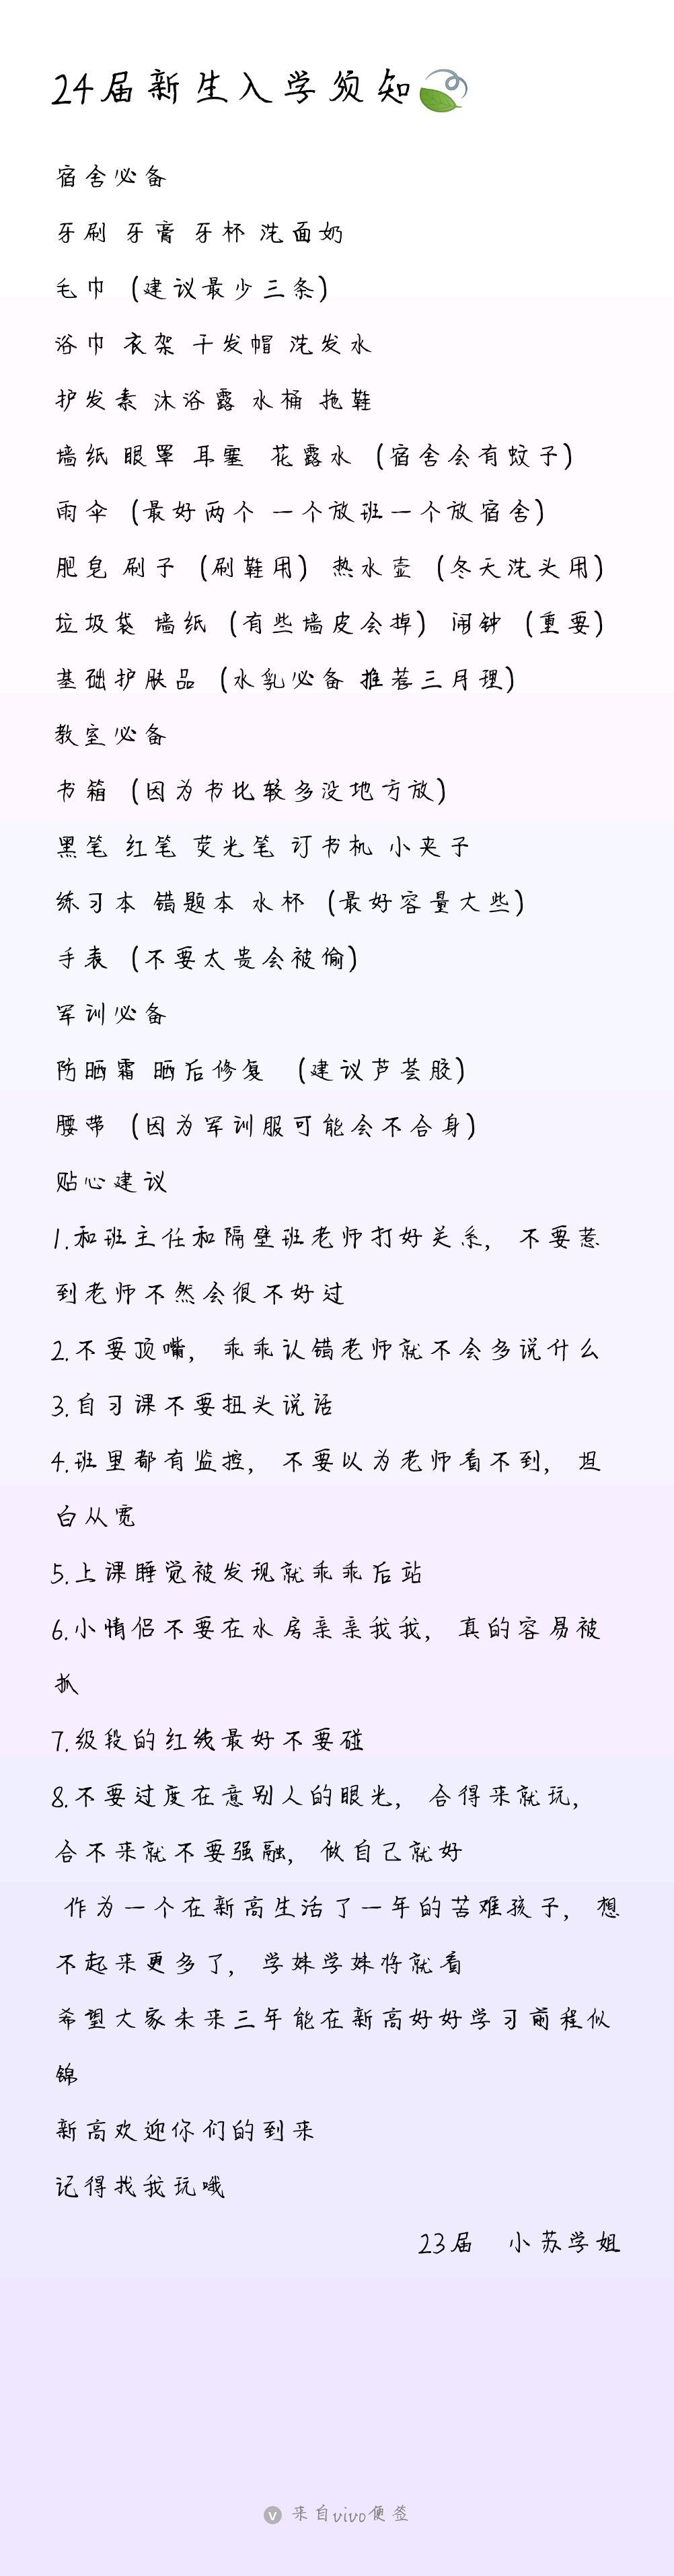 苏苏学姐的手册